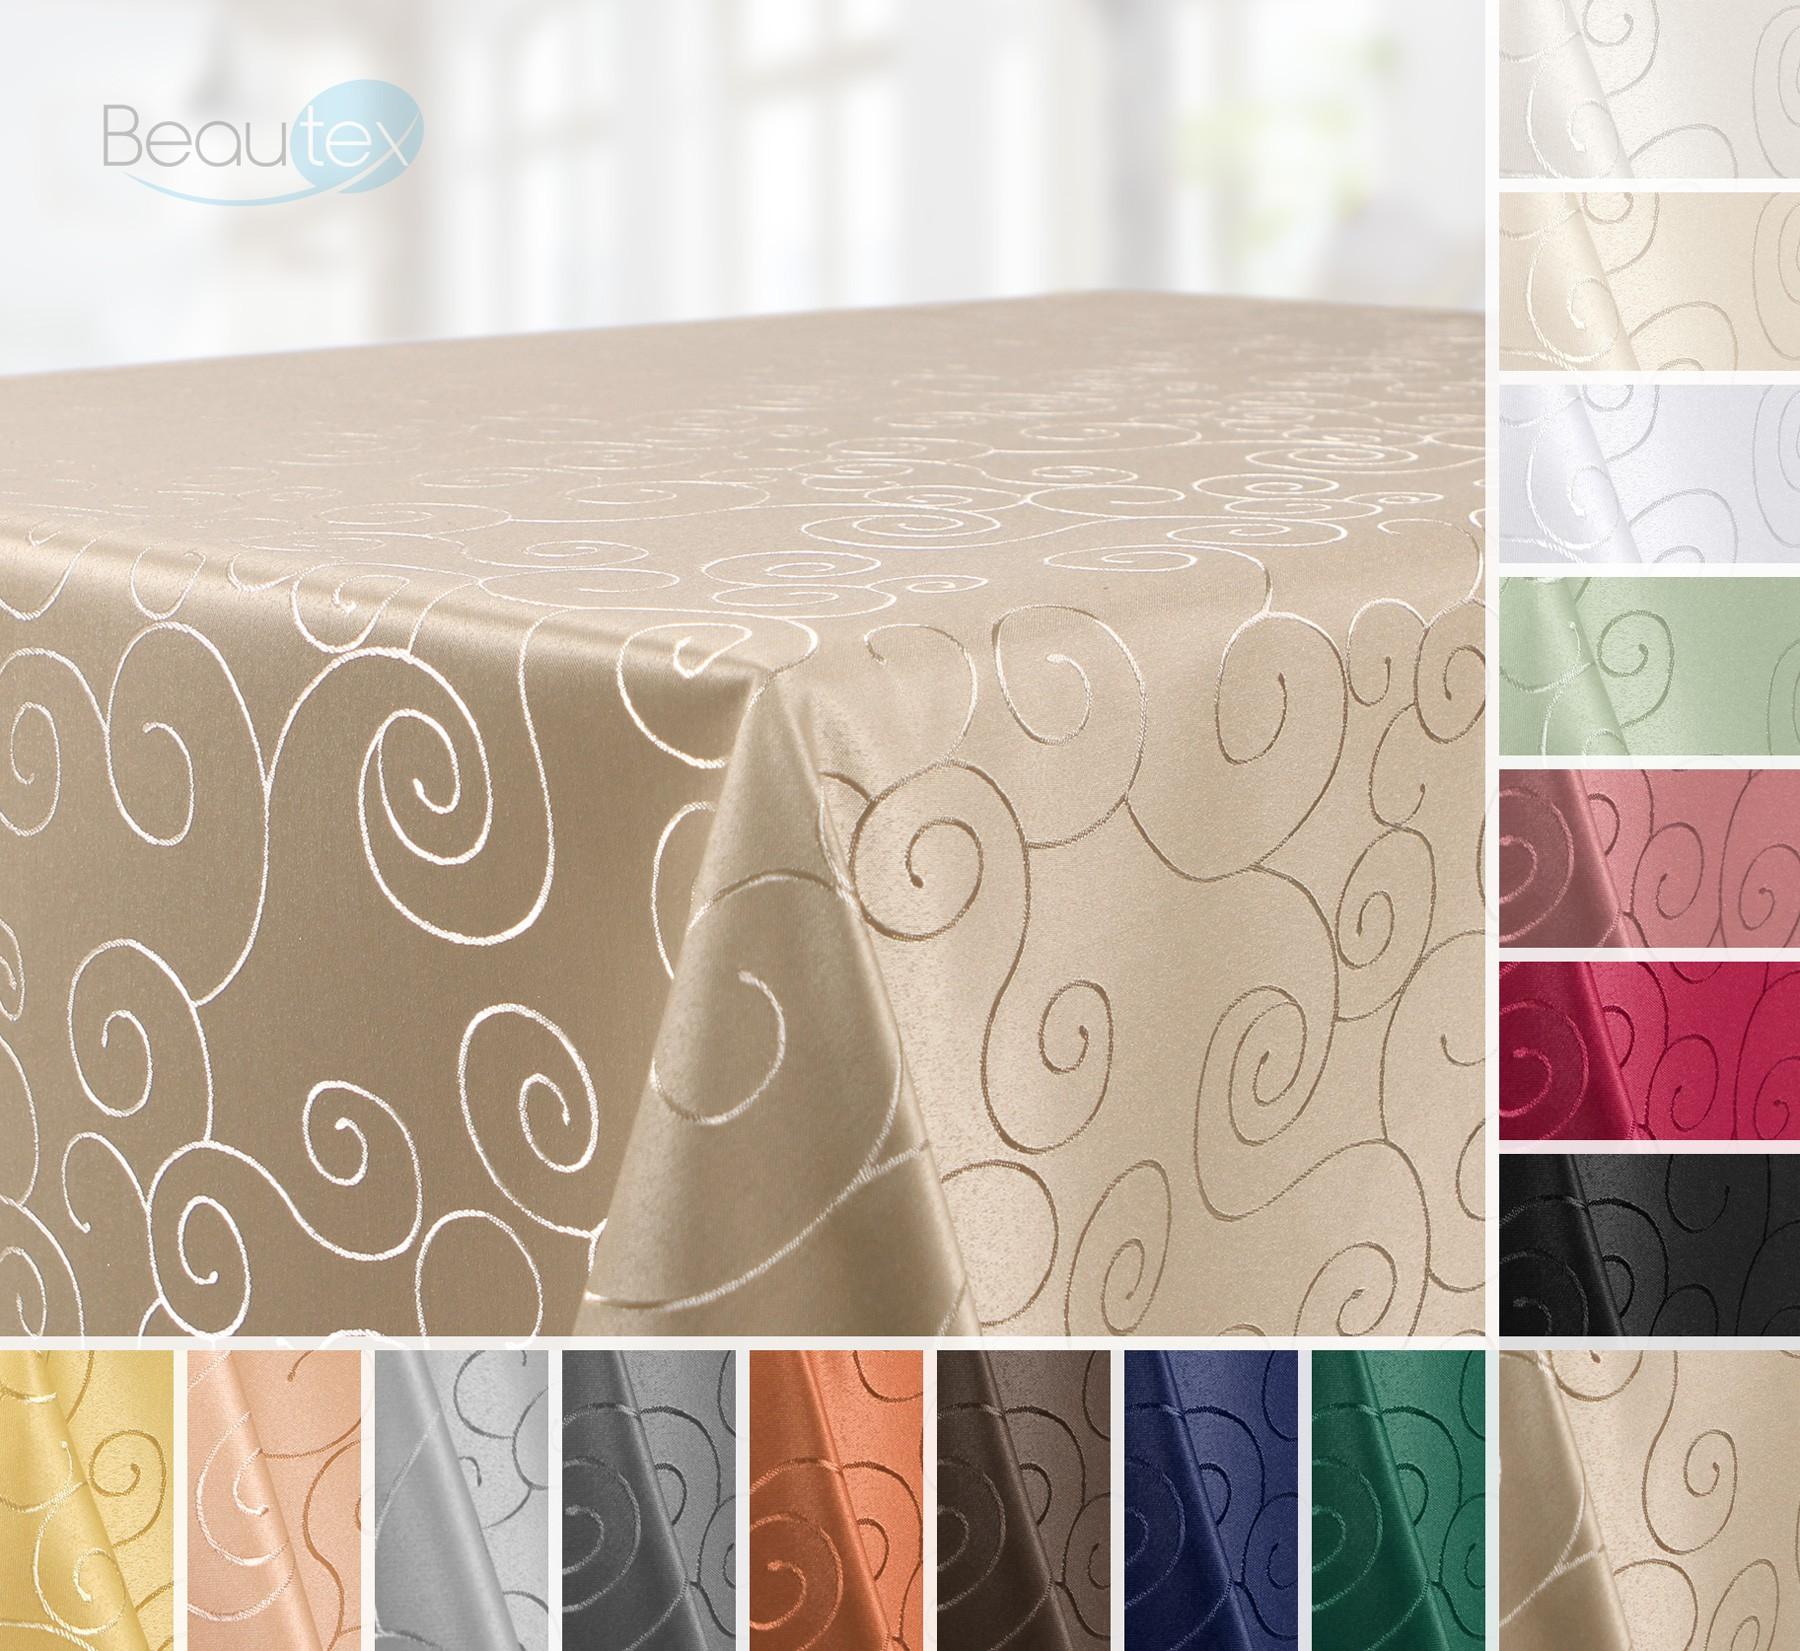 tischdecke ornamente kreise motiv bronze damast stoff gr e und farbe w hlbar kollektionen. Black Bedroom Furniture Sets. Home Design Ideas